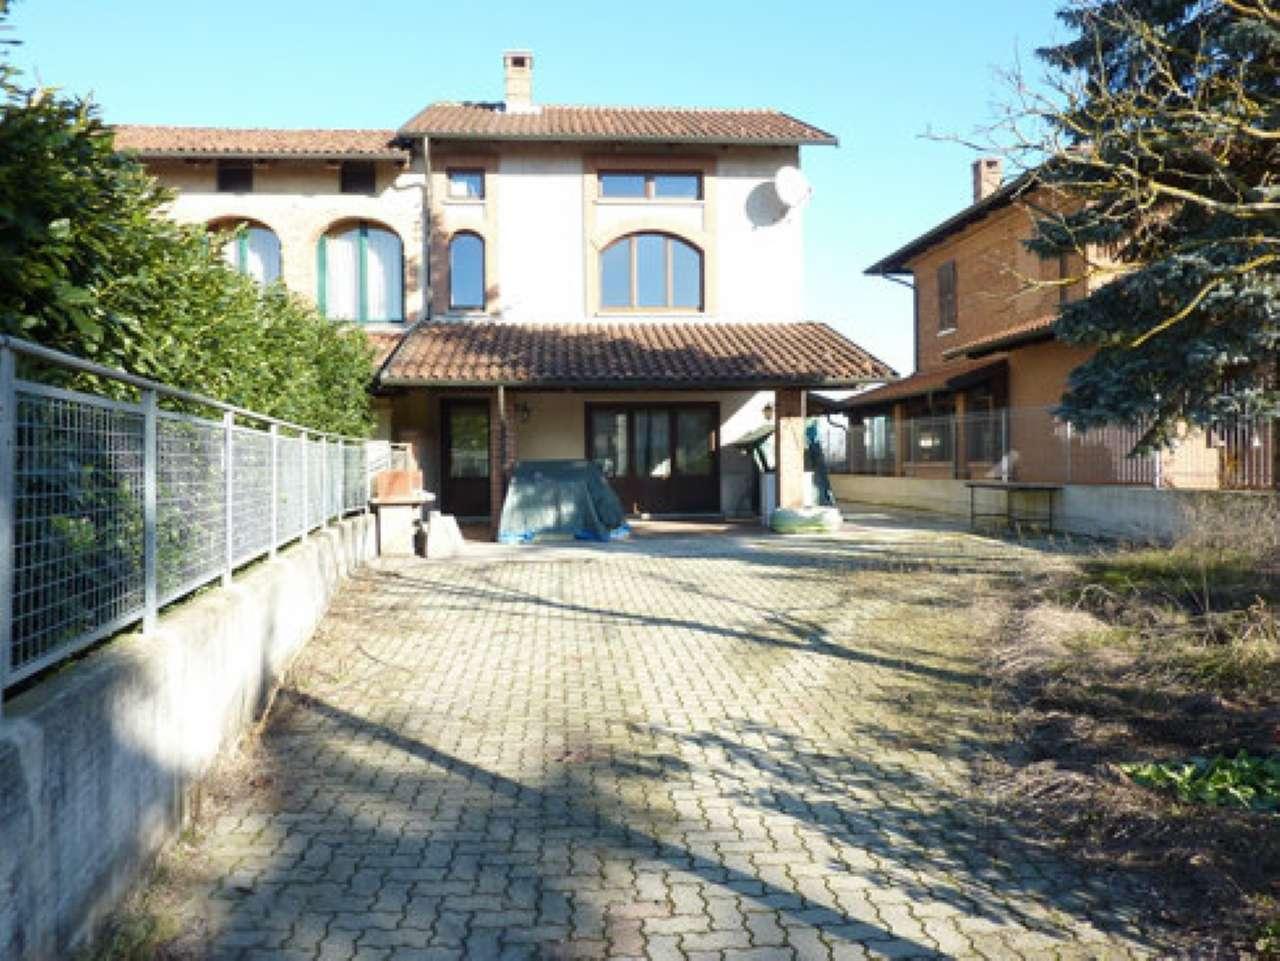 Soluzione Indipendente in vendita a Pralormo, 5 locali, prezzo € 155.000 | Cambio Casa.it